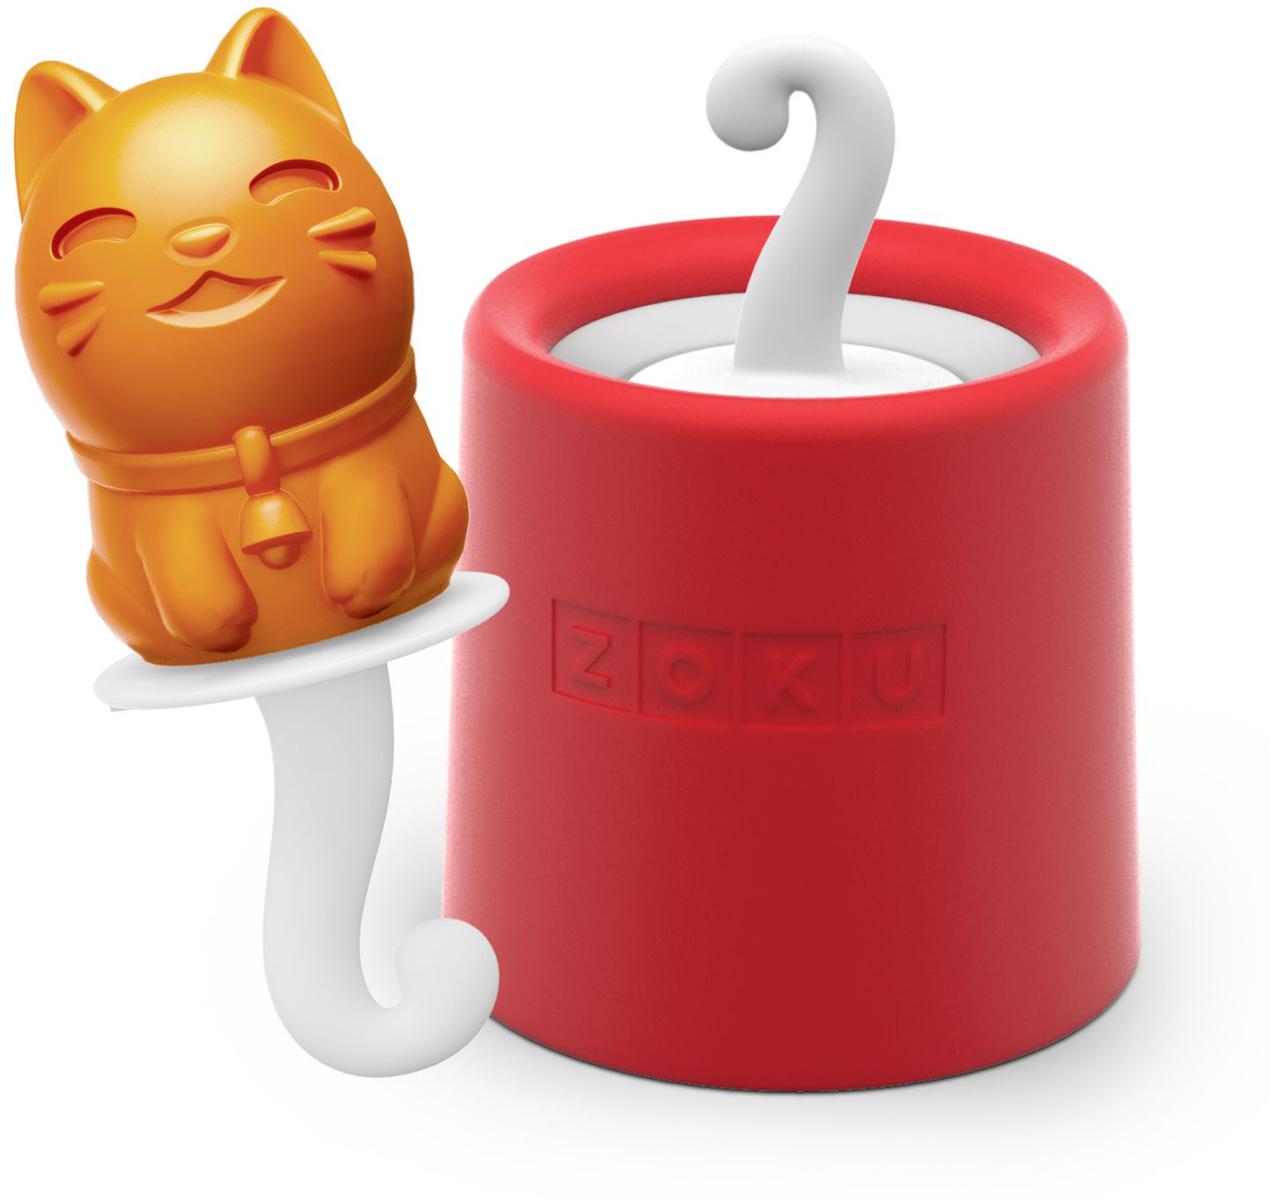 Форма для мороженого Zoku Kitty, 45 мл. ZK123-009ZK123-009Уникальная коллекция формочек для мороженого включает в себя 8 разных фигурок, с помощью которых вы сможете готовить вкусные и полезные домашние десерты. Теперь каждому члену семьи достанется свой персонаж, и не придется путаться в том, кому и какое лакомство принадлежит. Для приготовления мороженого залейте жидкость в форму до отметки и вставьте внутрь палочку. Оставьте в морозильной камере на восемь и более часов. Когда продукт готов, просто вытащите палочку и наслаждайтесь натуральным десертом собственного приготовления. Объем - 45 мл. Форма не содержит вредных примесей и бисфенола-А. Моется вручную.